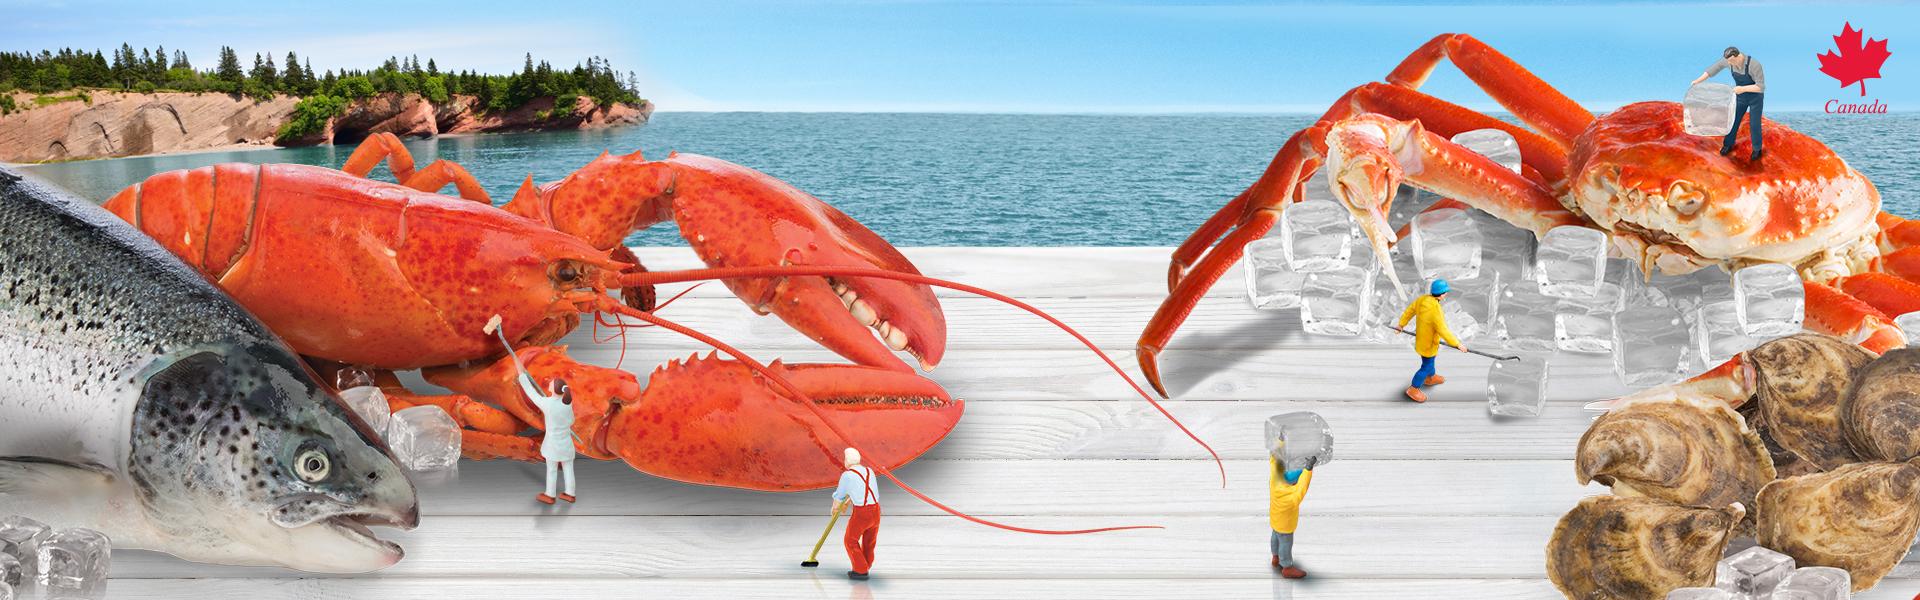 Digital B2B Networking Seafood Event New Brunswick Canada